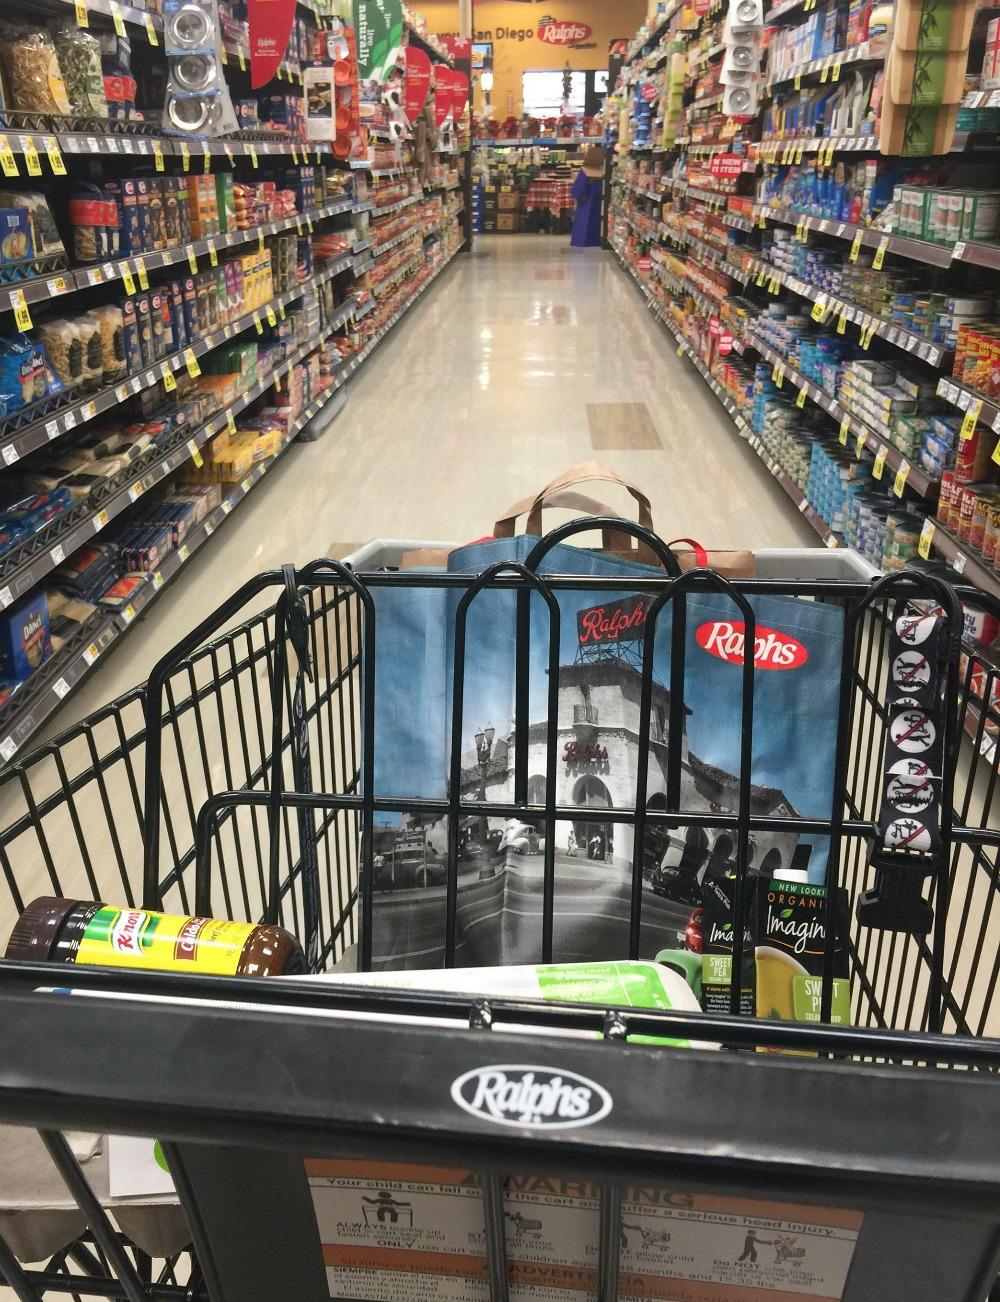 Shopping at Ralphs.jpg